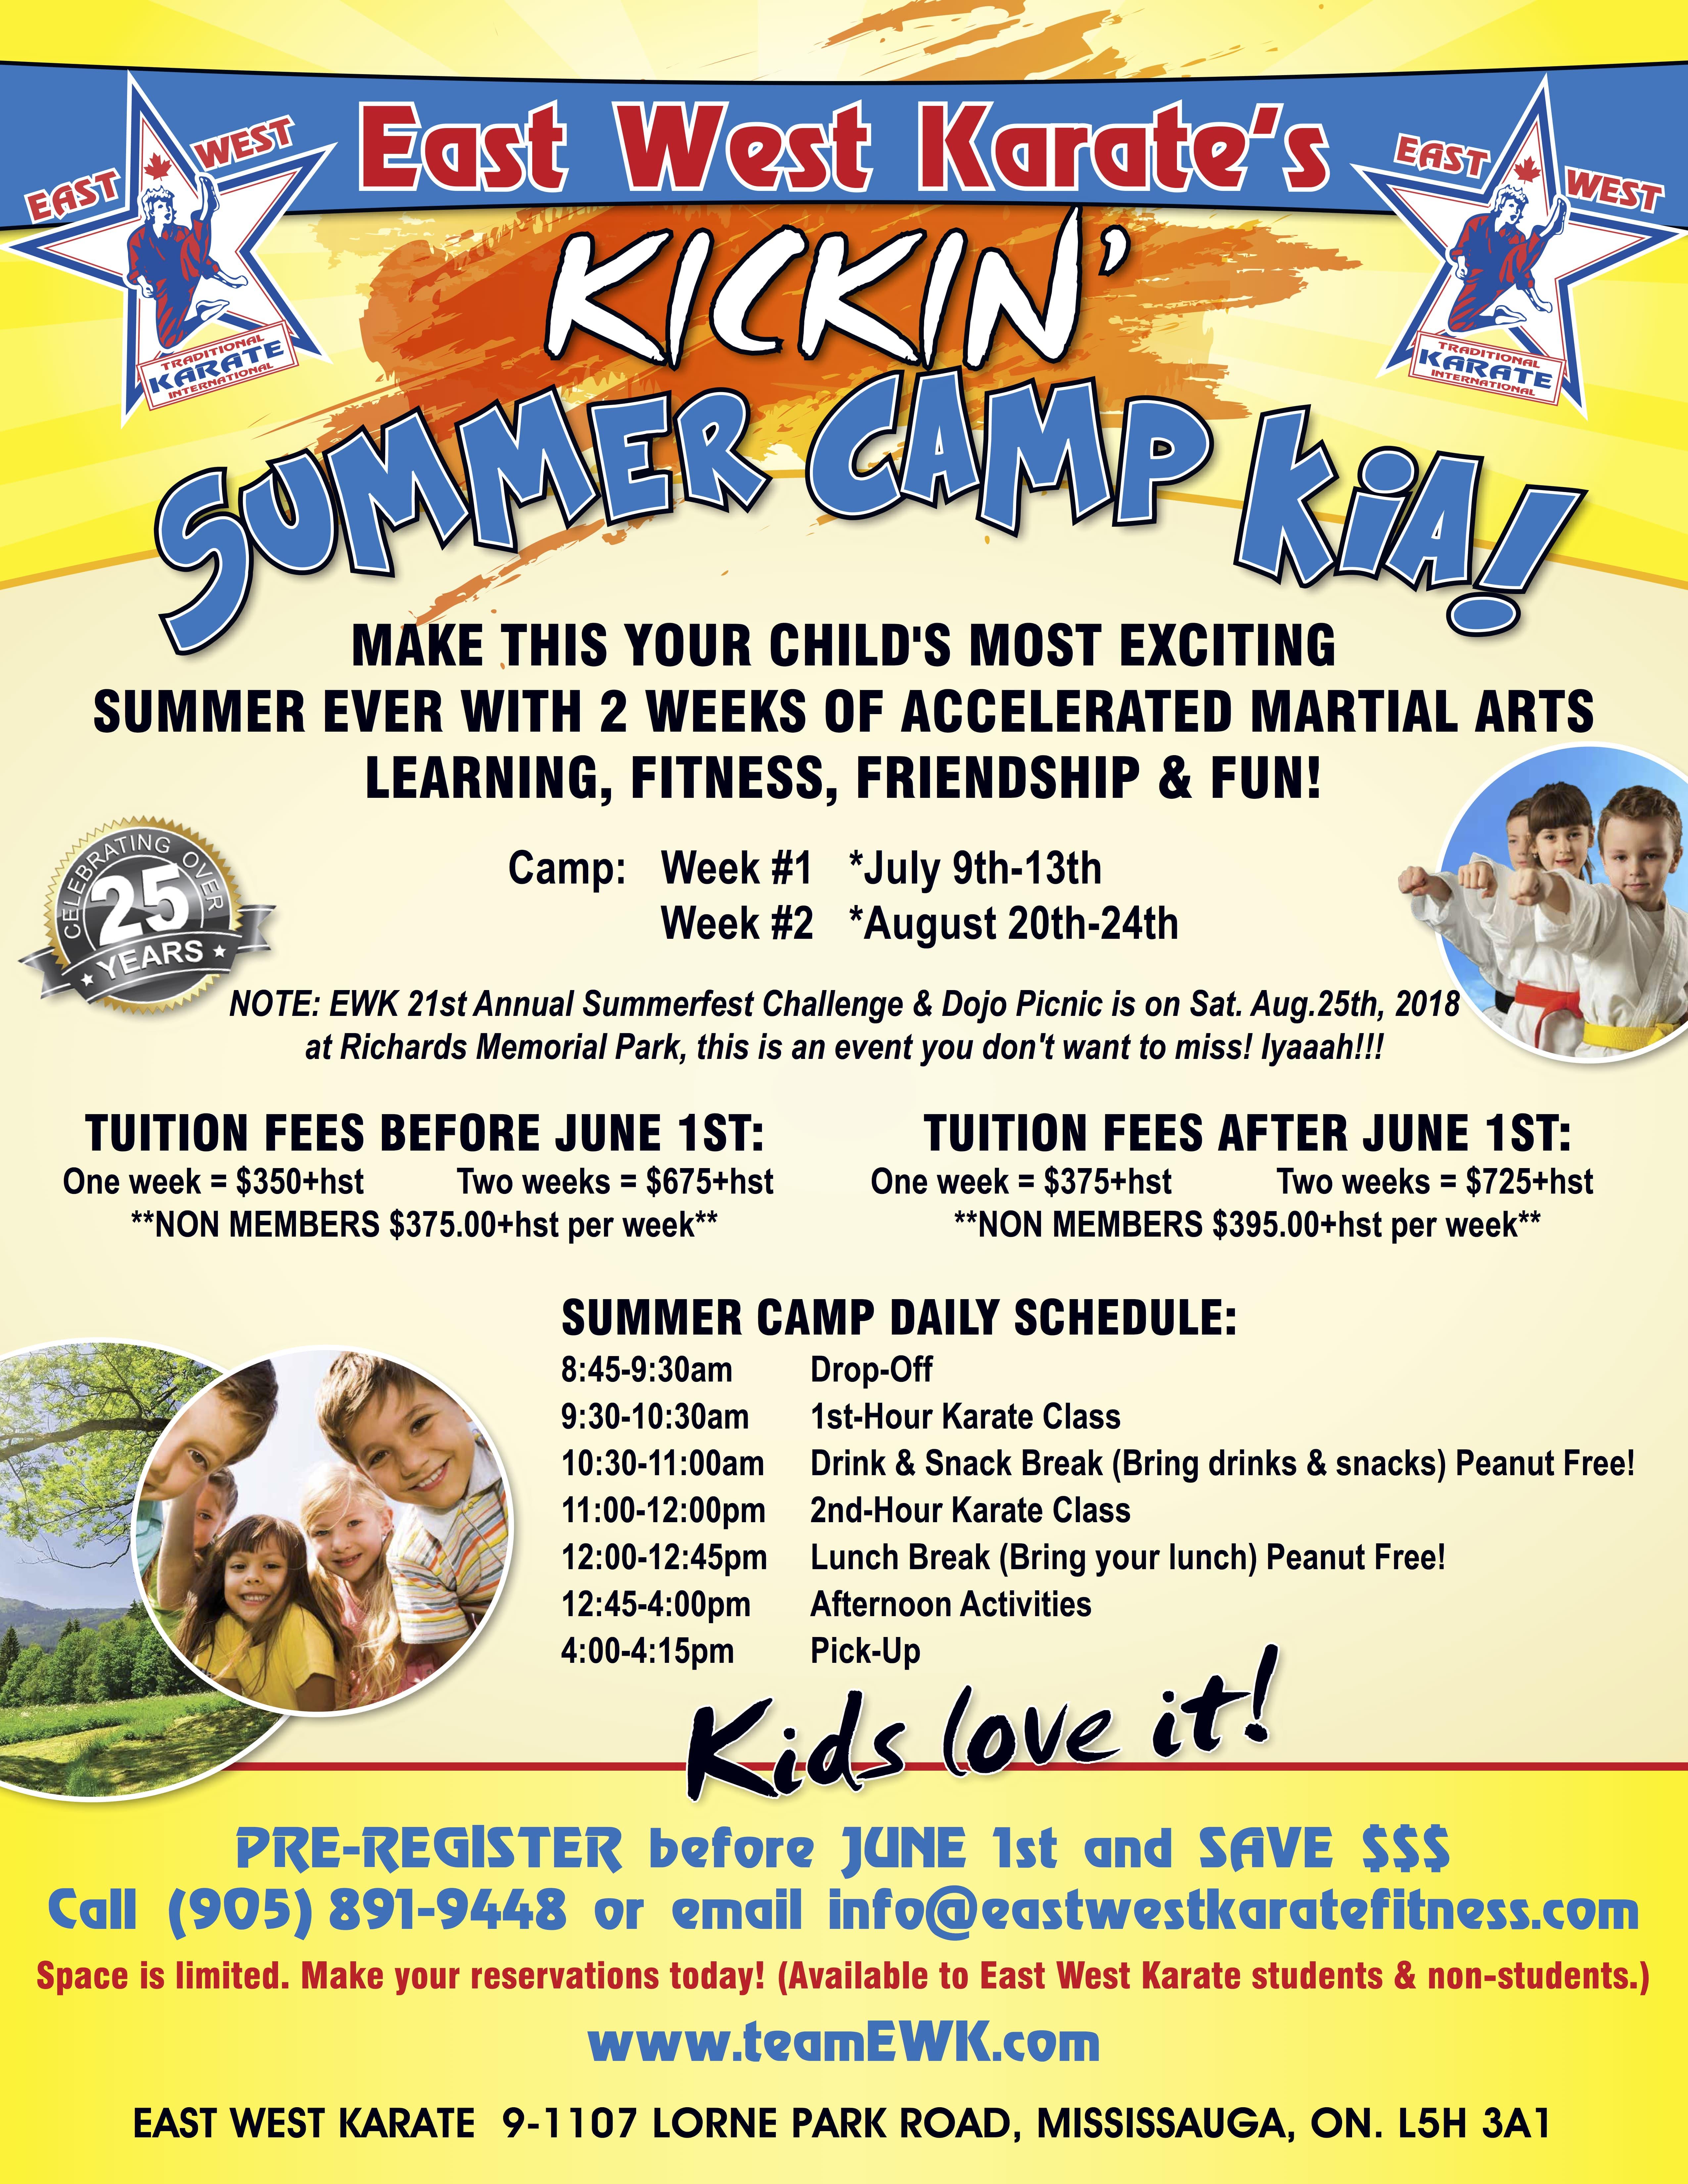 camp flyer_east west karate-min